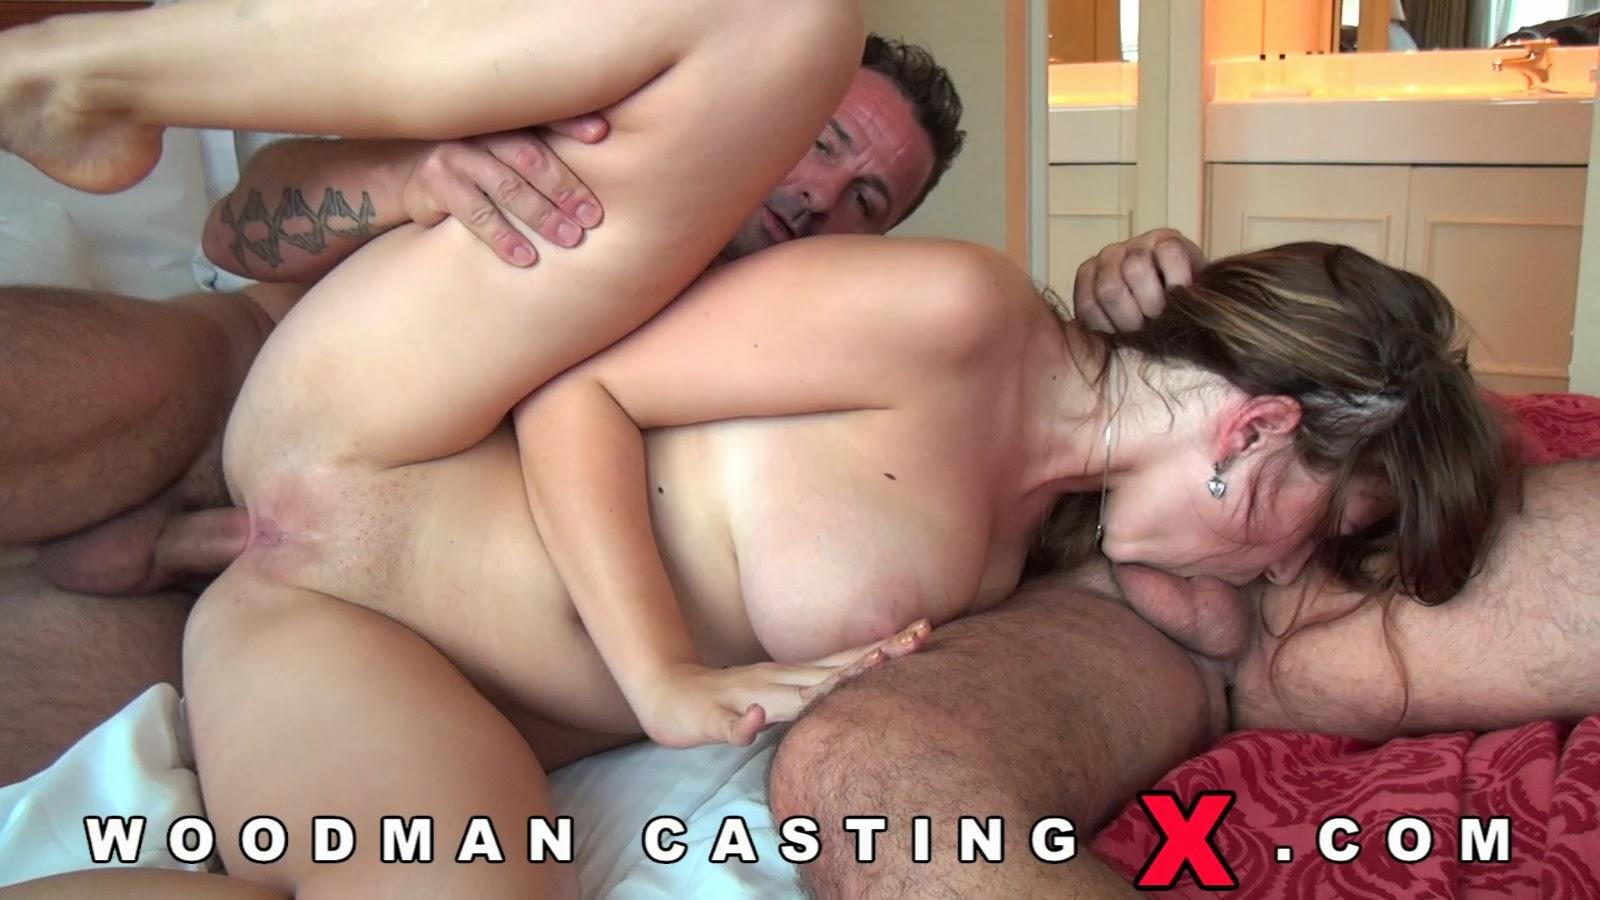 Смотреть порно видео анальный кастинг вудмана, зрелая снегурочка порно фото